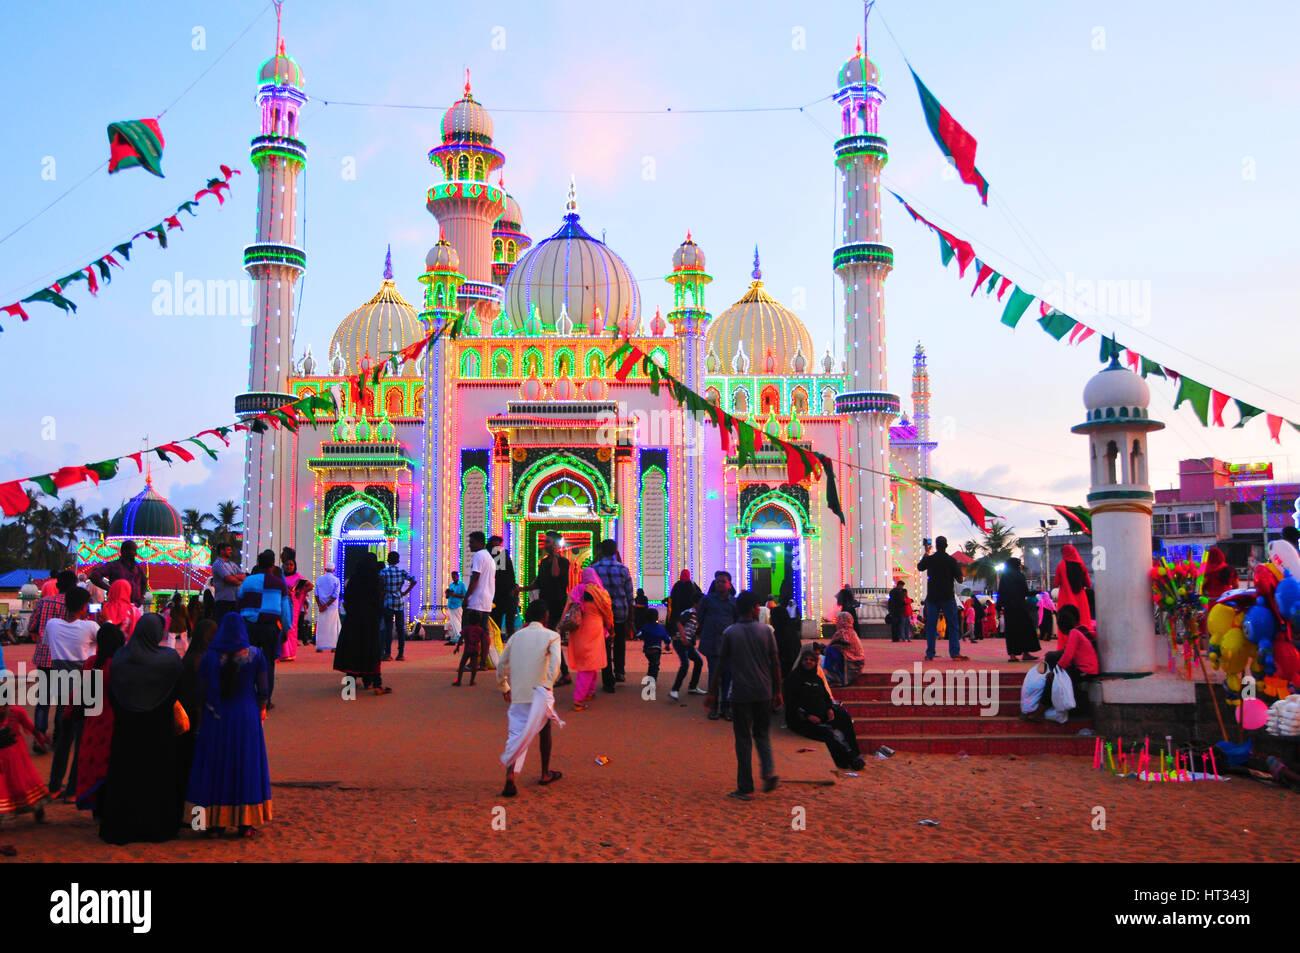 L'État du Kerala, en Inde. 7 mars 2017. Beemapally est décoré avec des lumières colorées Photo Stock